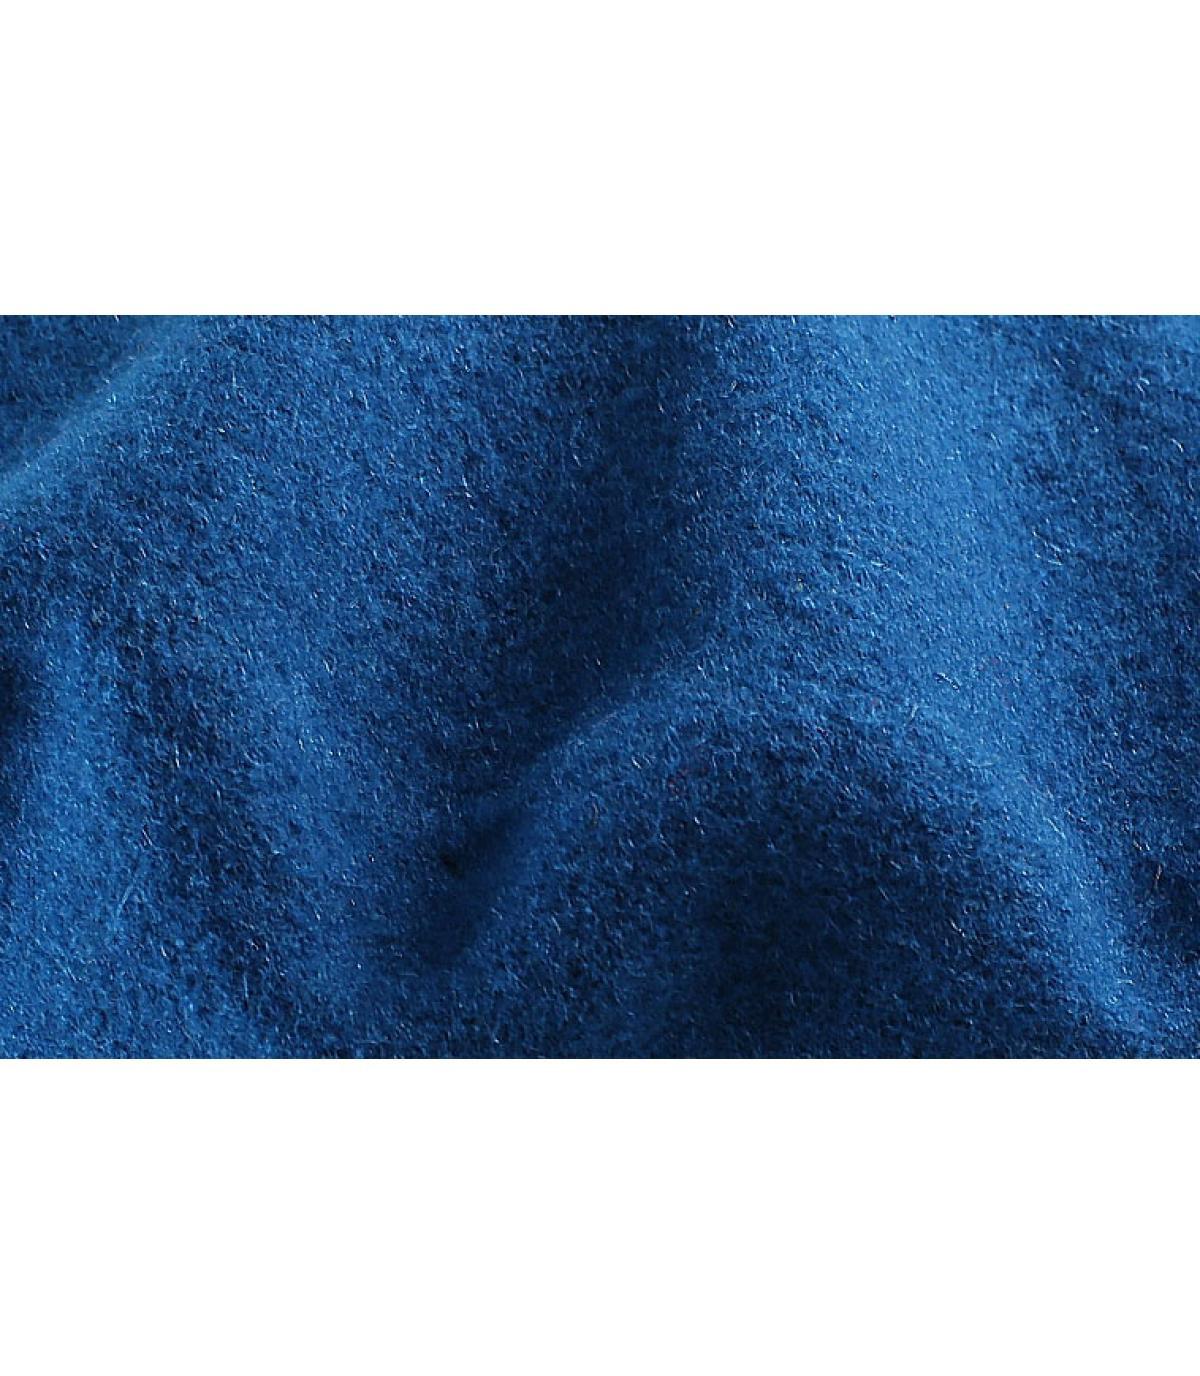 Details Blaues Französisches Beret - Abbildung 3